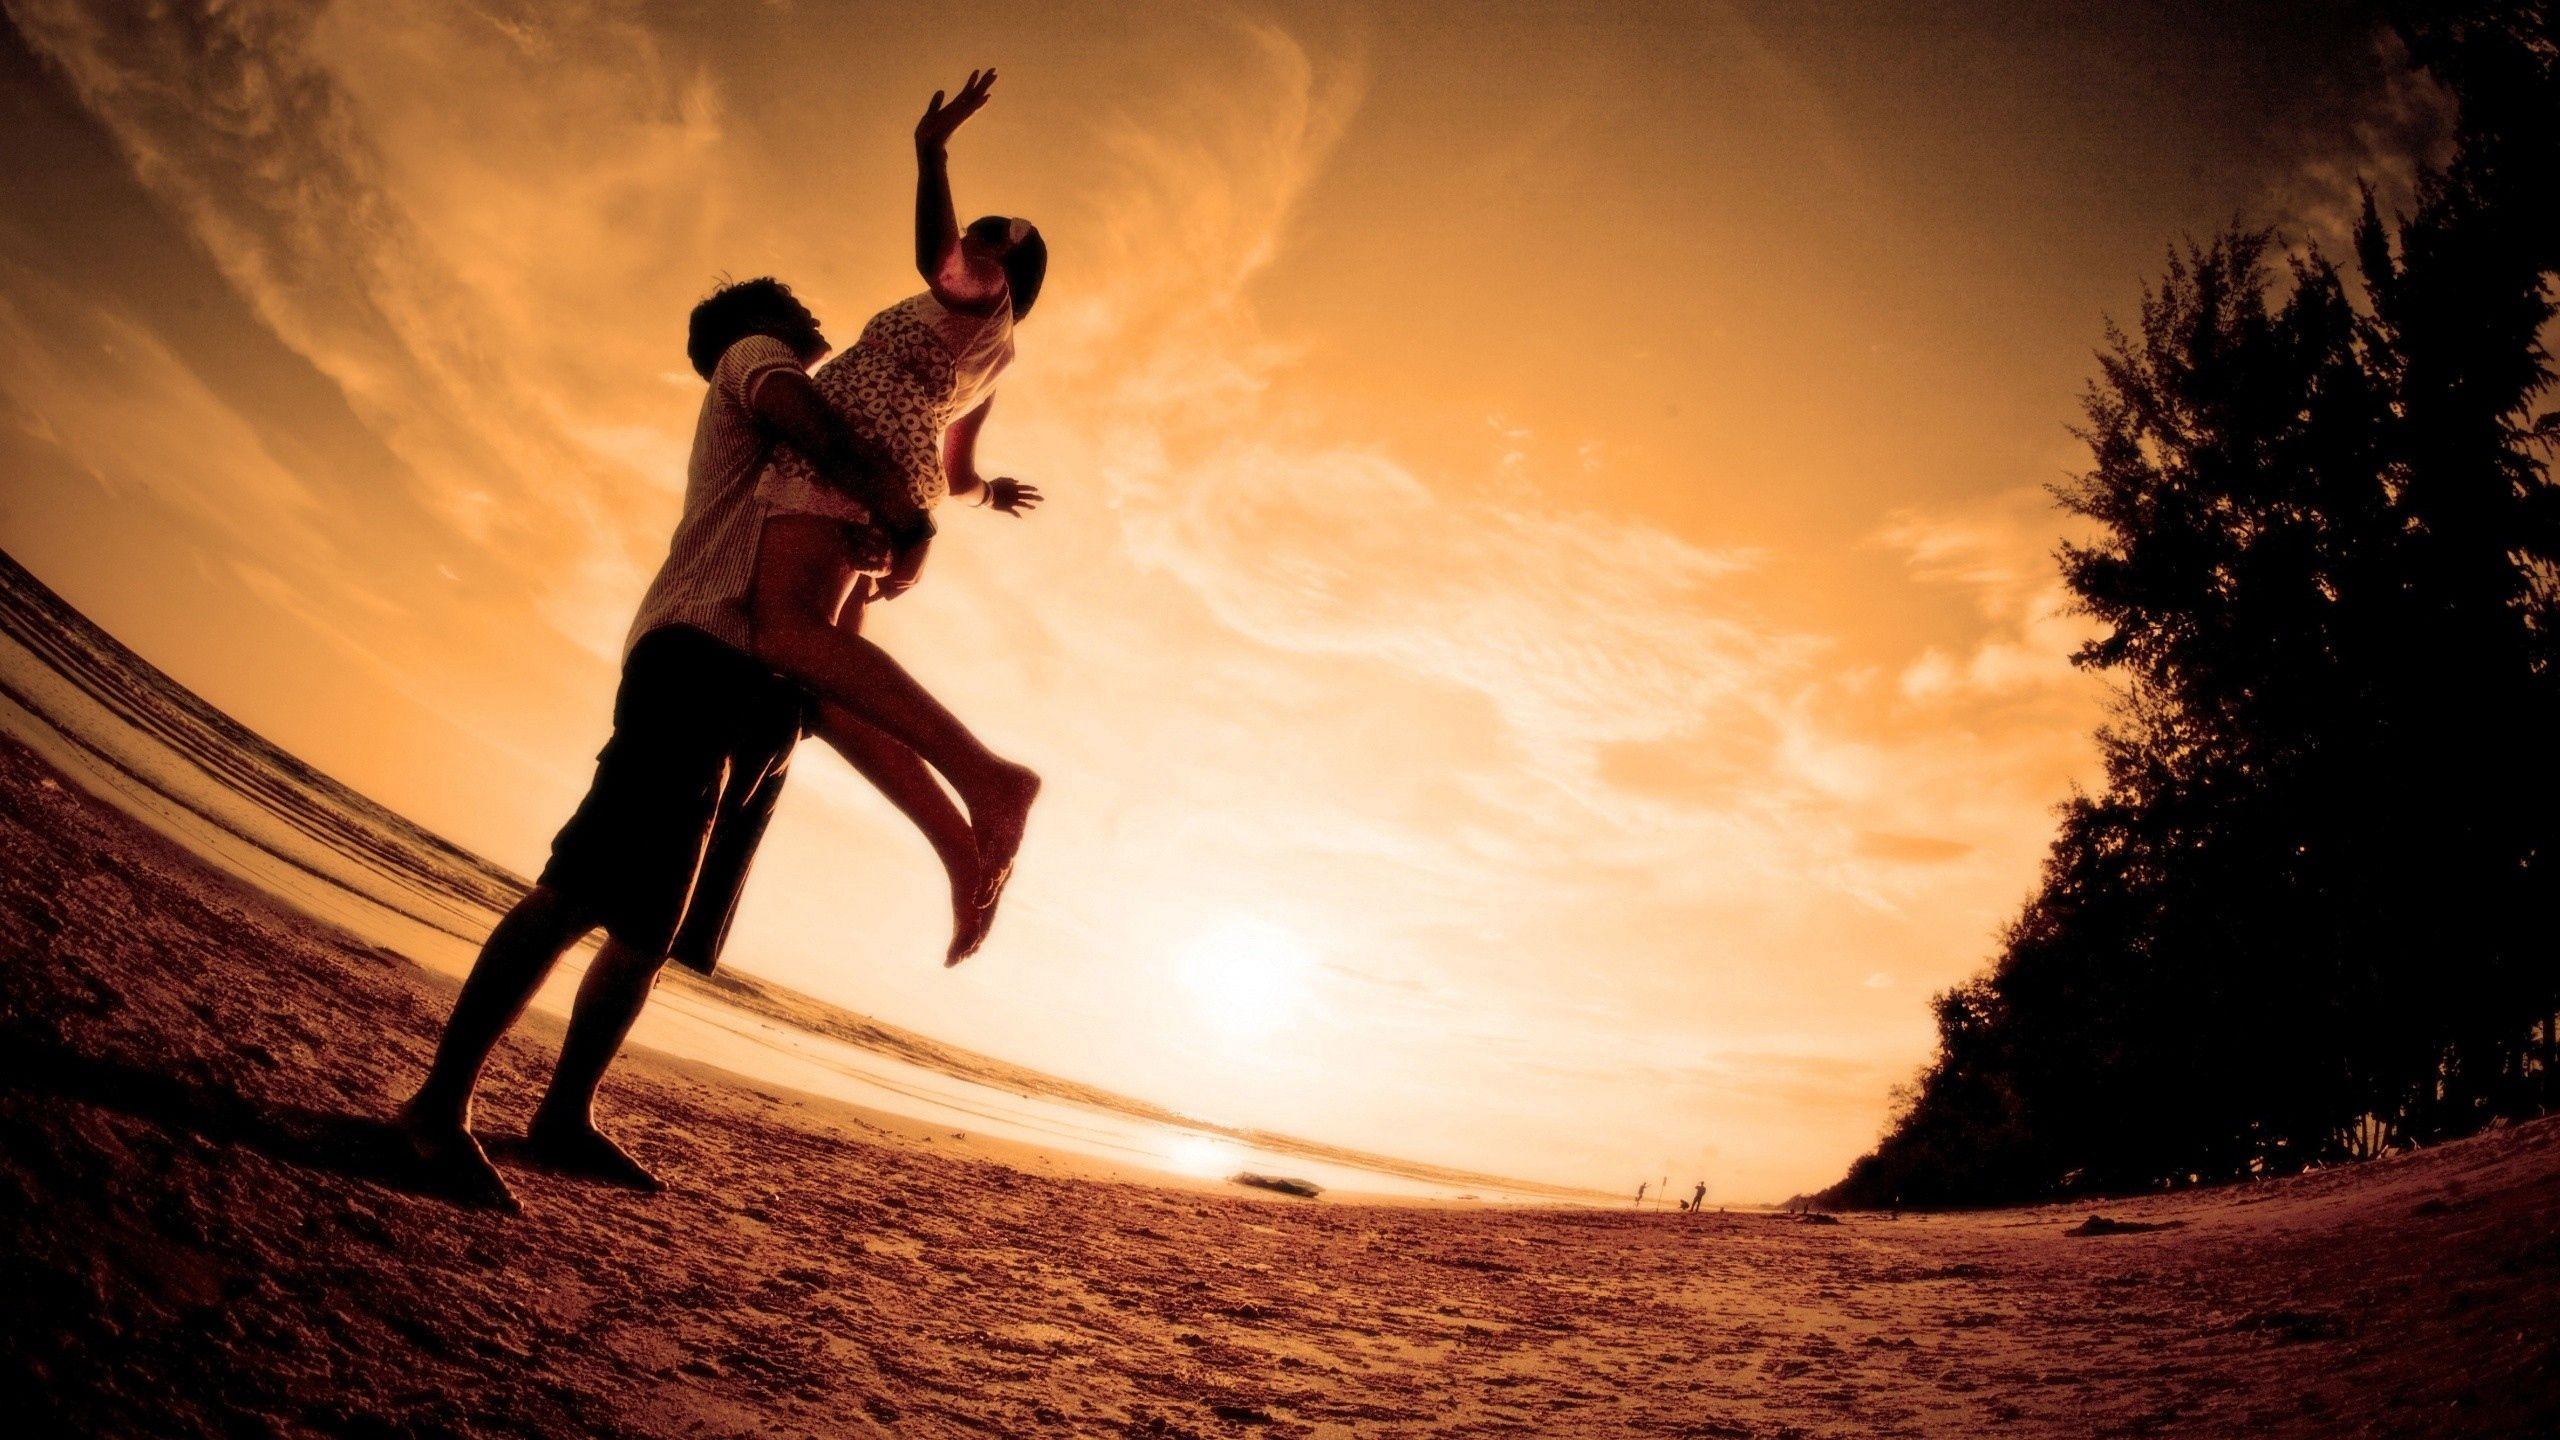 60921 скачать обои Любовь, Пара, Объятие, Счастье, Силуэты, Вечер - заставки и картинки бесплатно